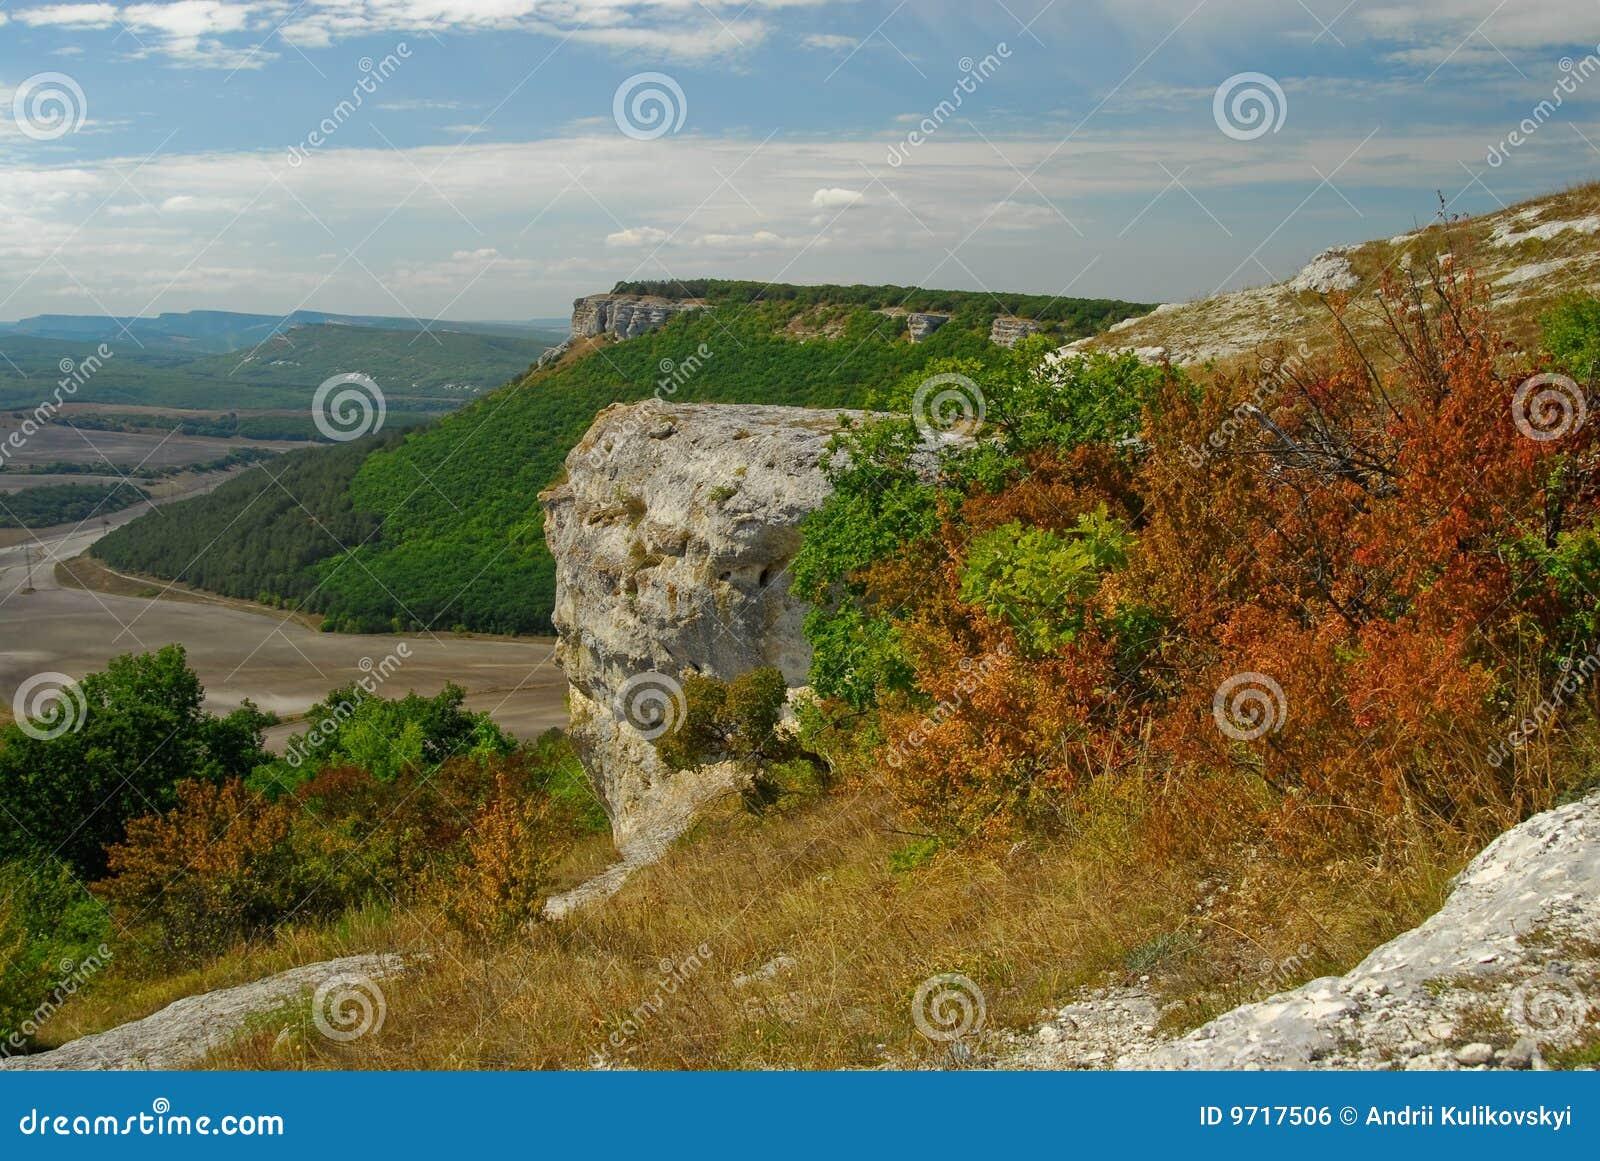 Crimea dzhargan natury taz